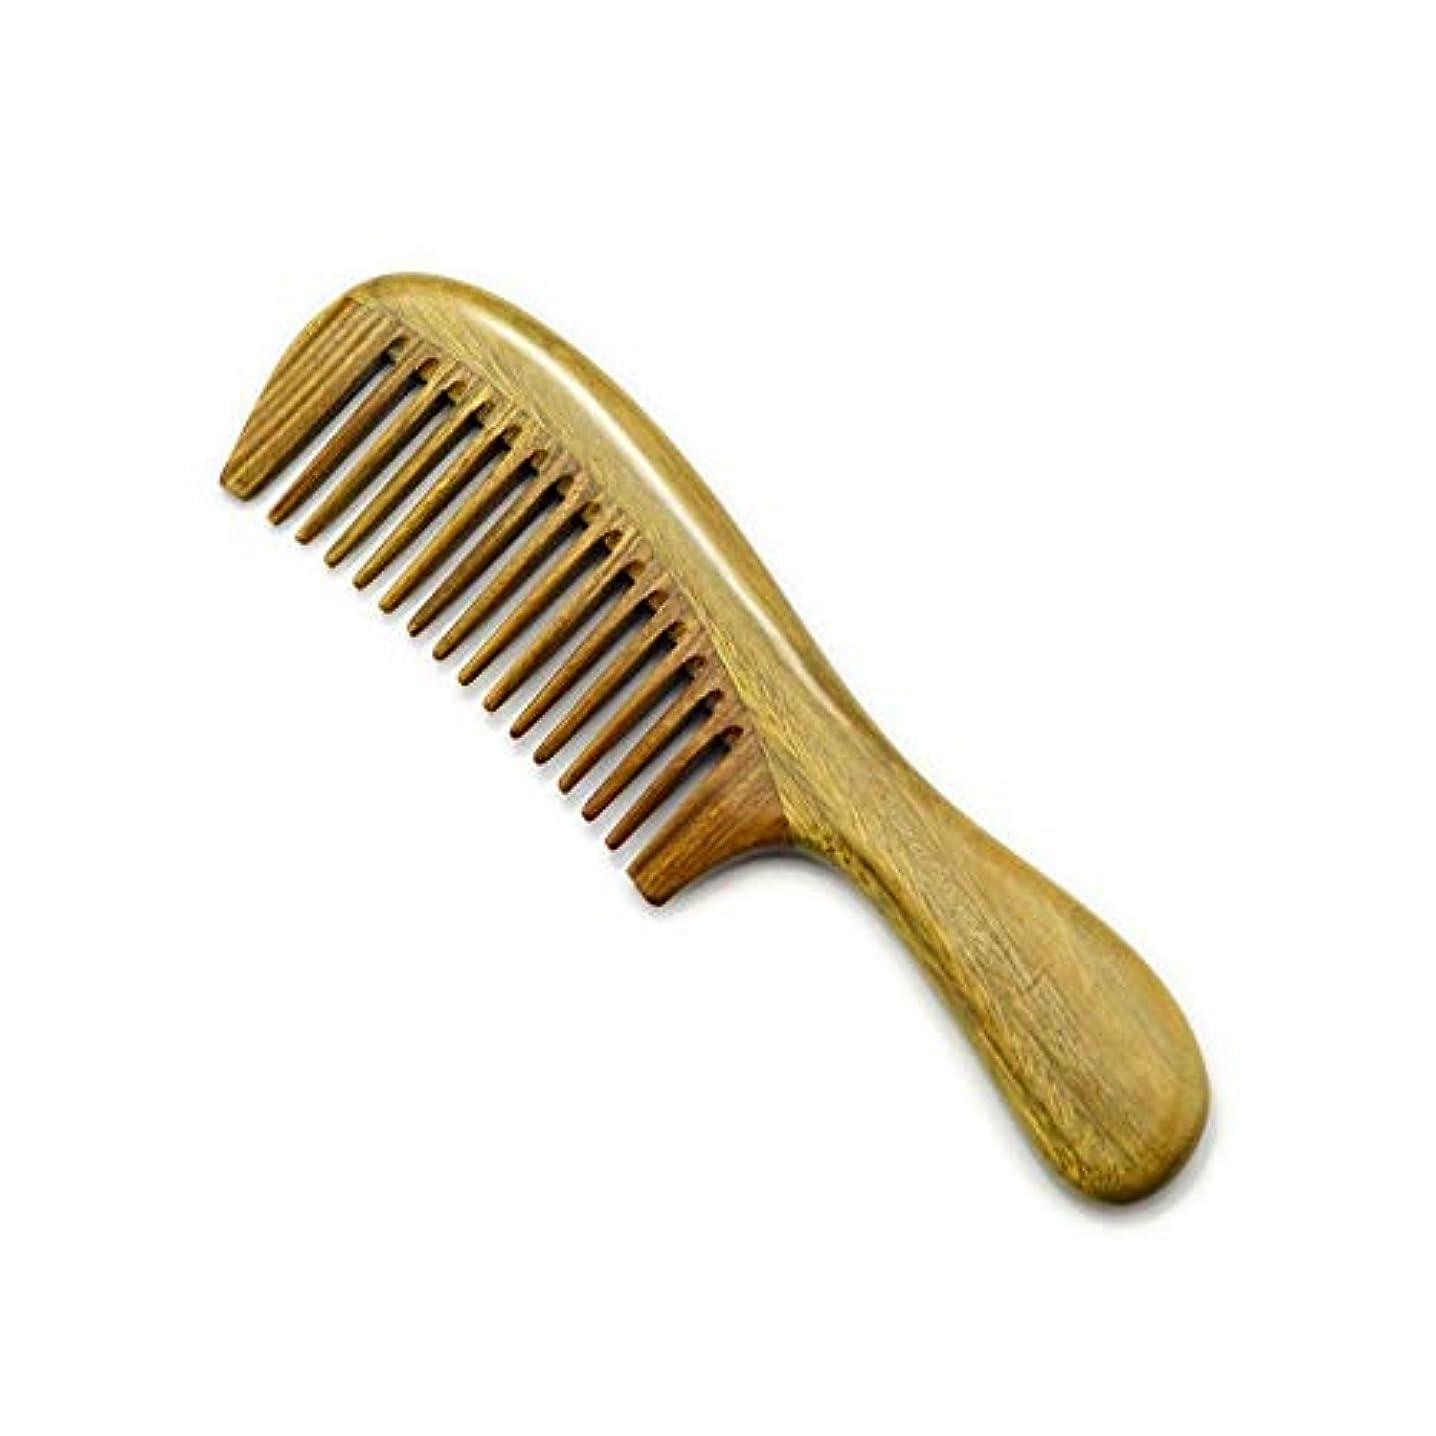 スカープインタネットを見るマニフェストWASAIO 手作りの木製抗静的カーリーストレートヘアブラシブラシナチュラルグリーンサンダルウッドもつれ解除はありませんヘアコーム(標準歯形、20センチメートル)